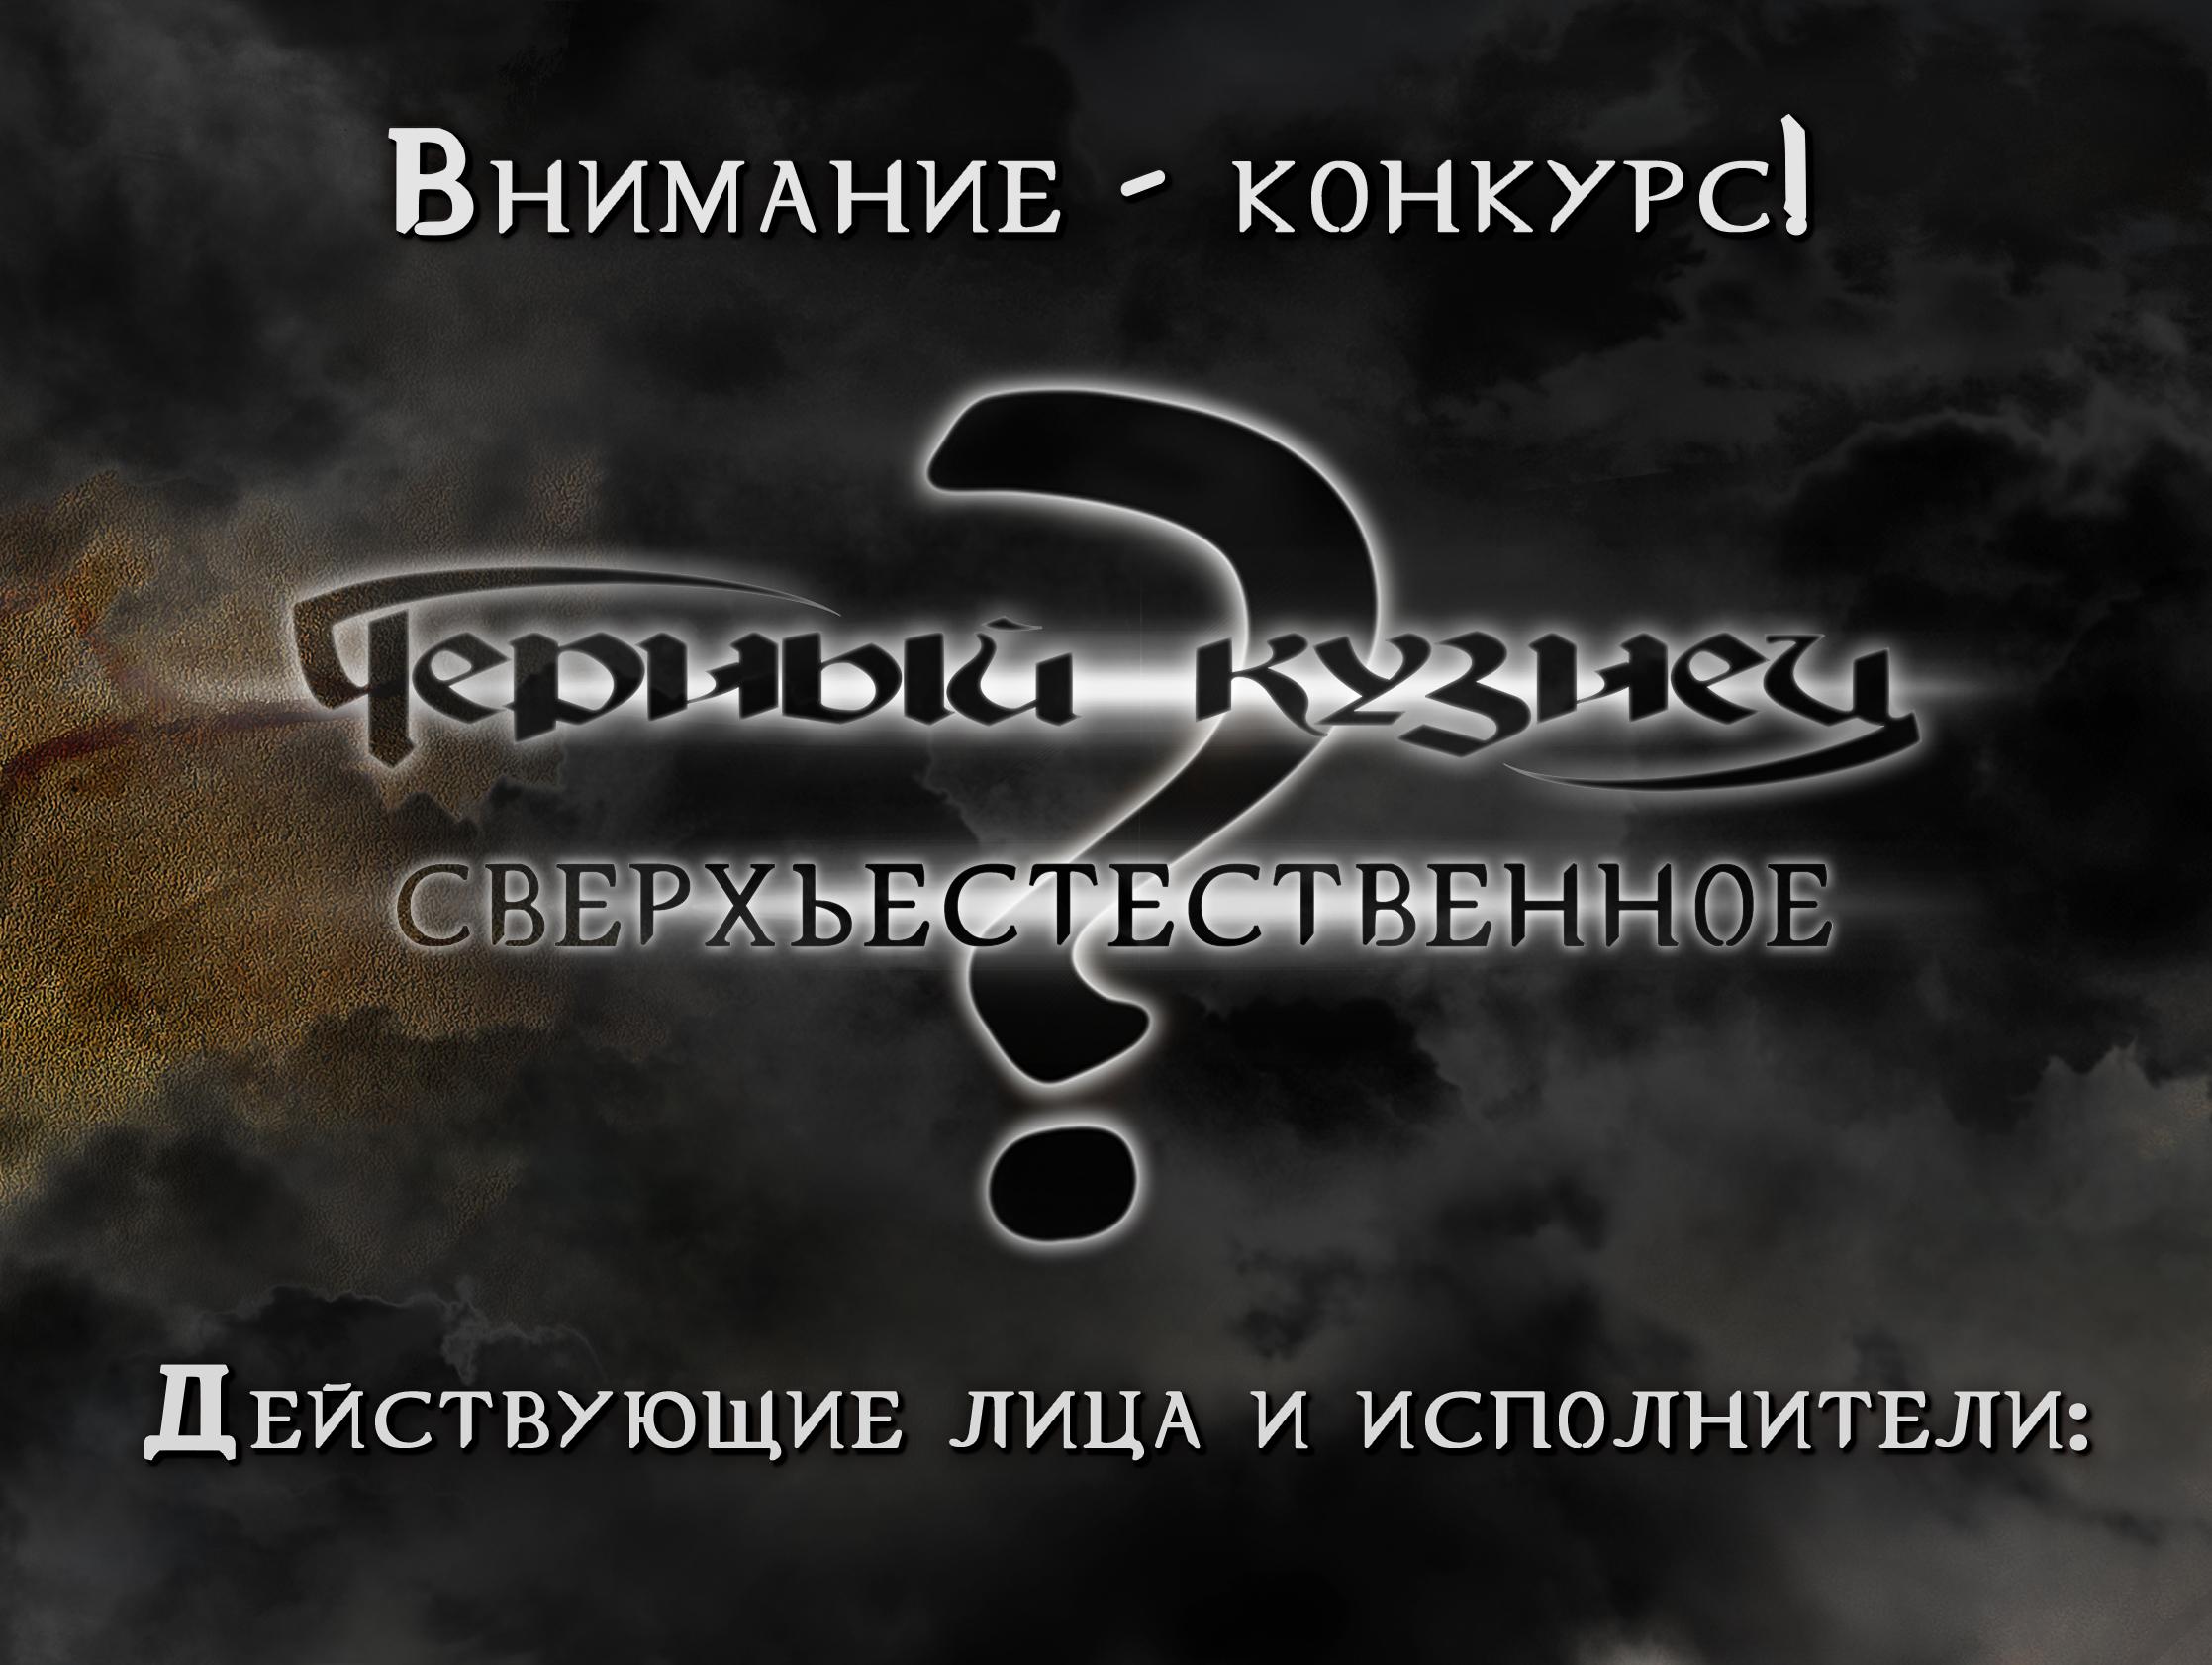 Supernatural Contest